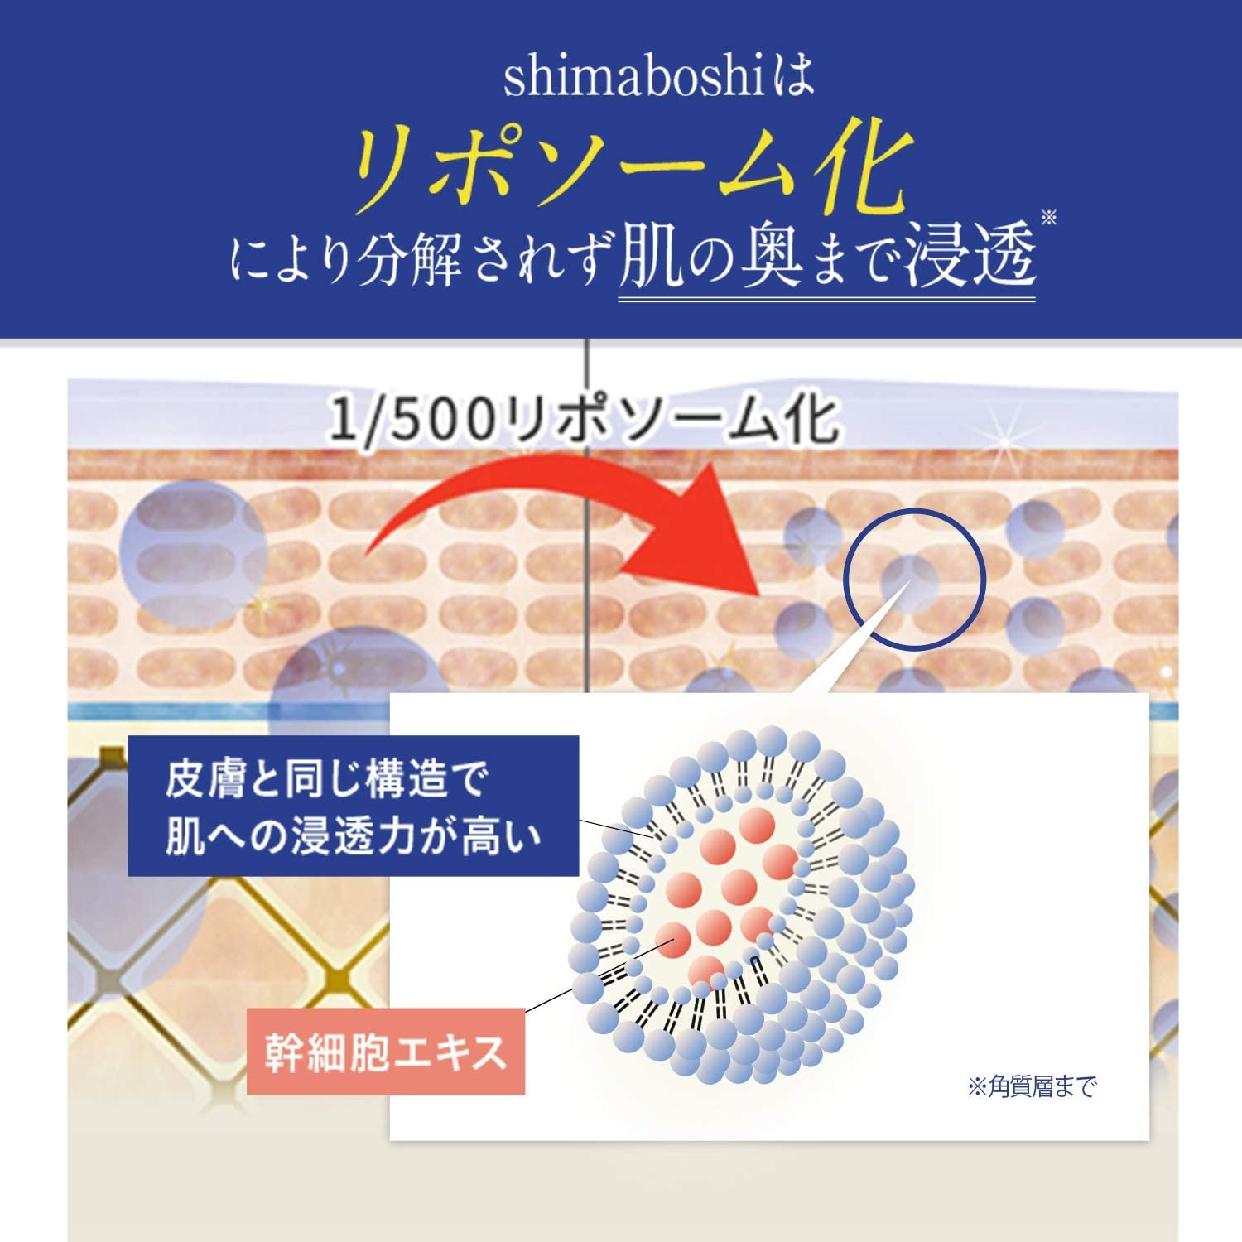 shimaboshi(シマボシ) レストレーションセラムの商品画像5